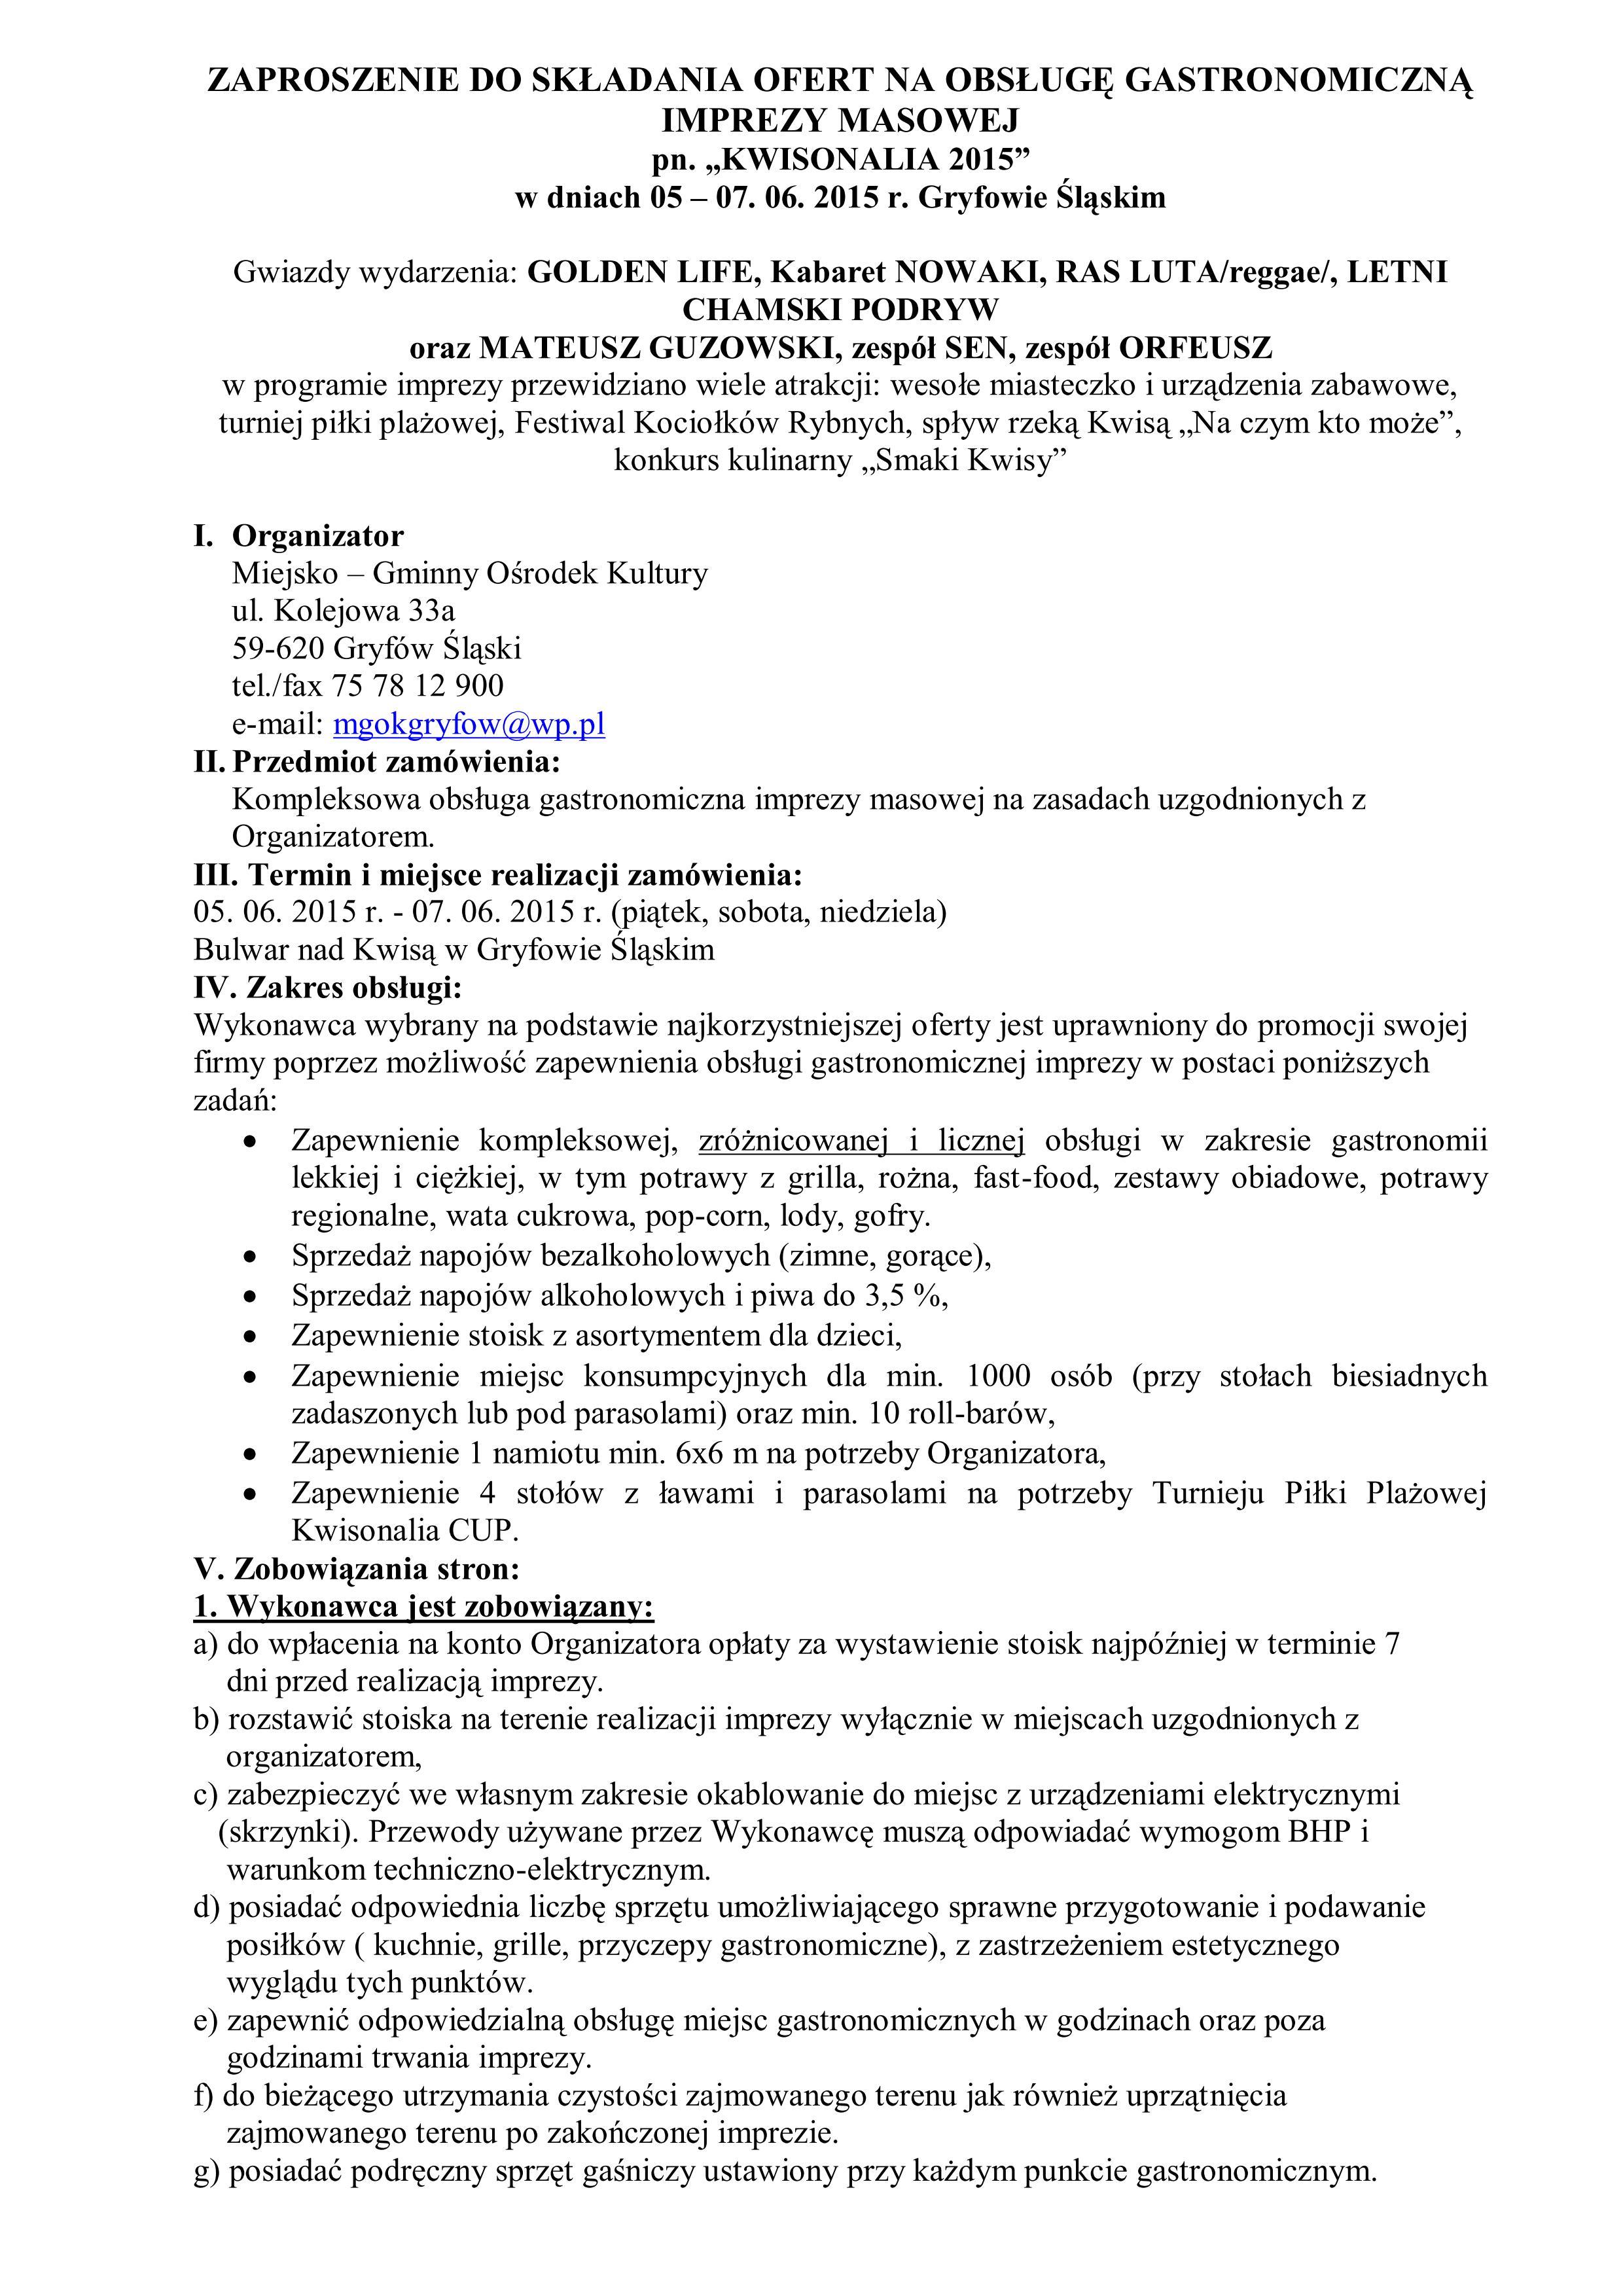 ZAPROSZENIE DO SKŁADANIA OFERT NA OBSŁUGĘ GASTRONOMICZNĄ IMPREZY MASOWEJ_01